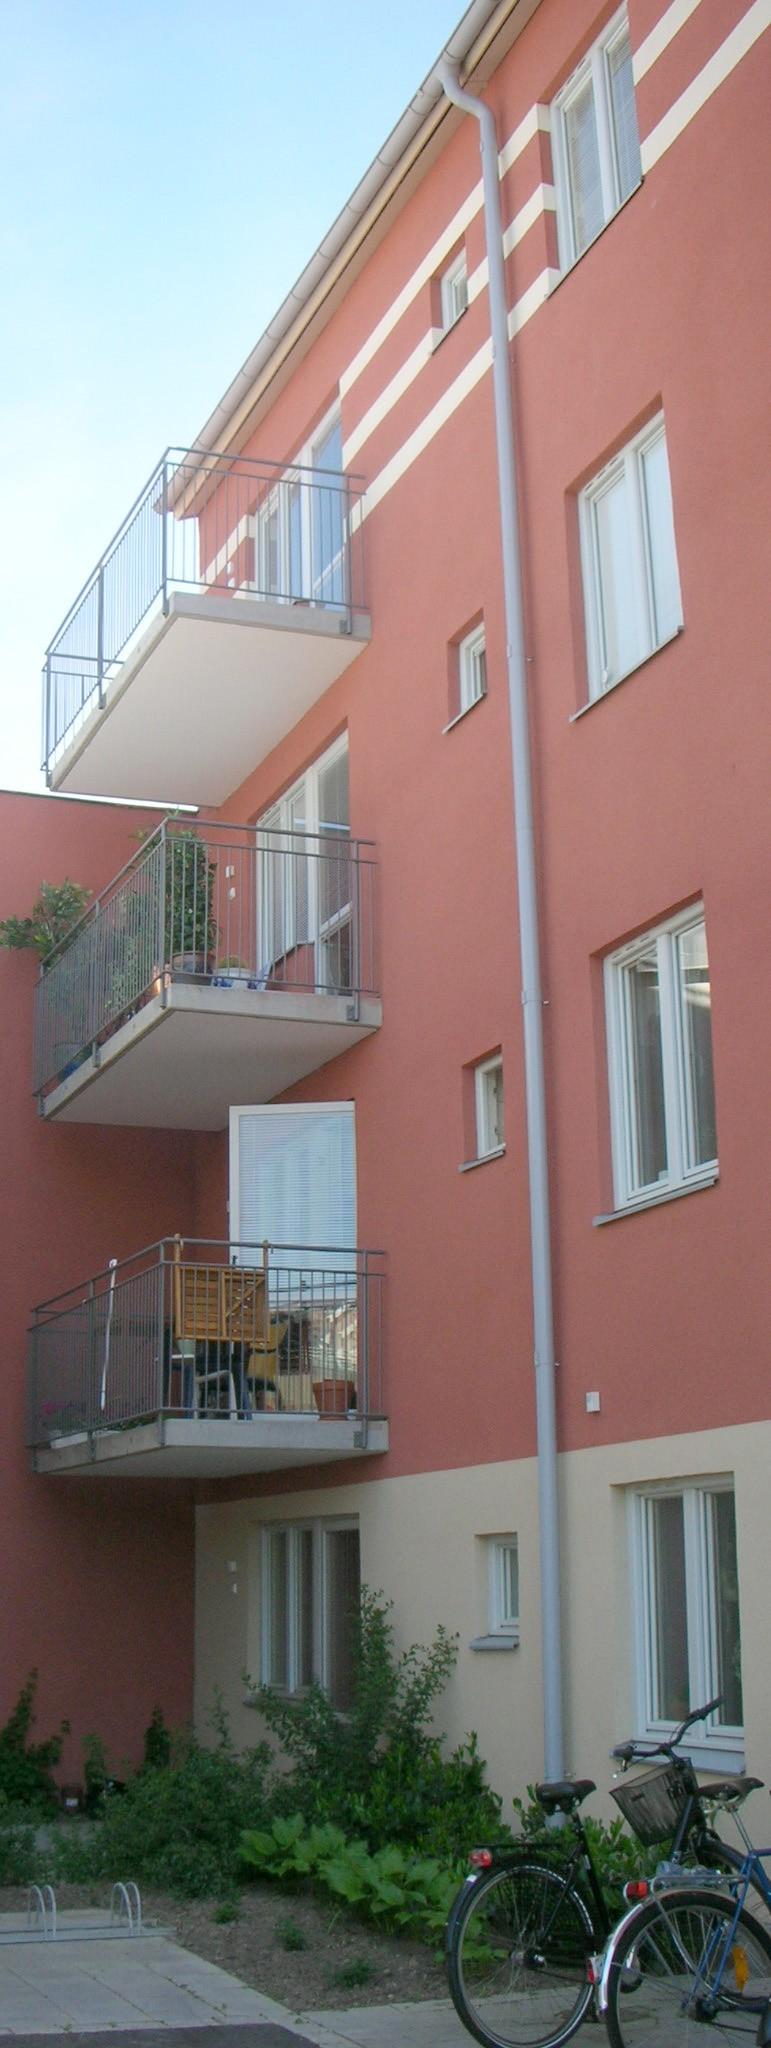 balkong-e1346762940842